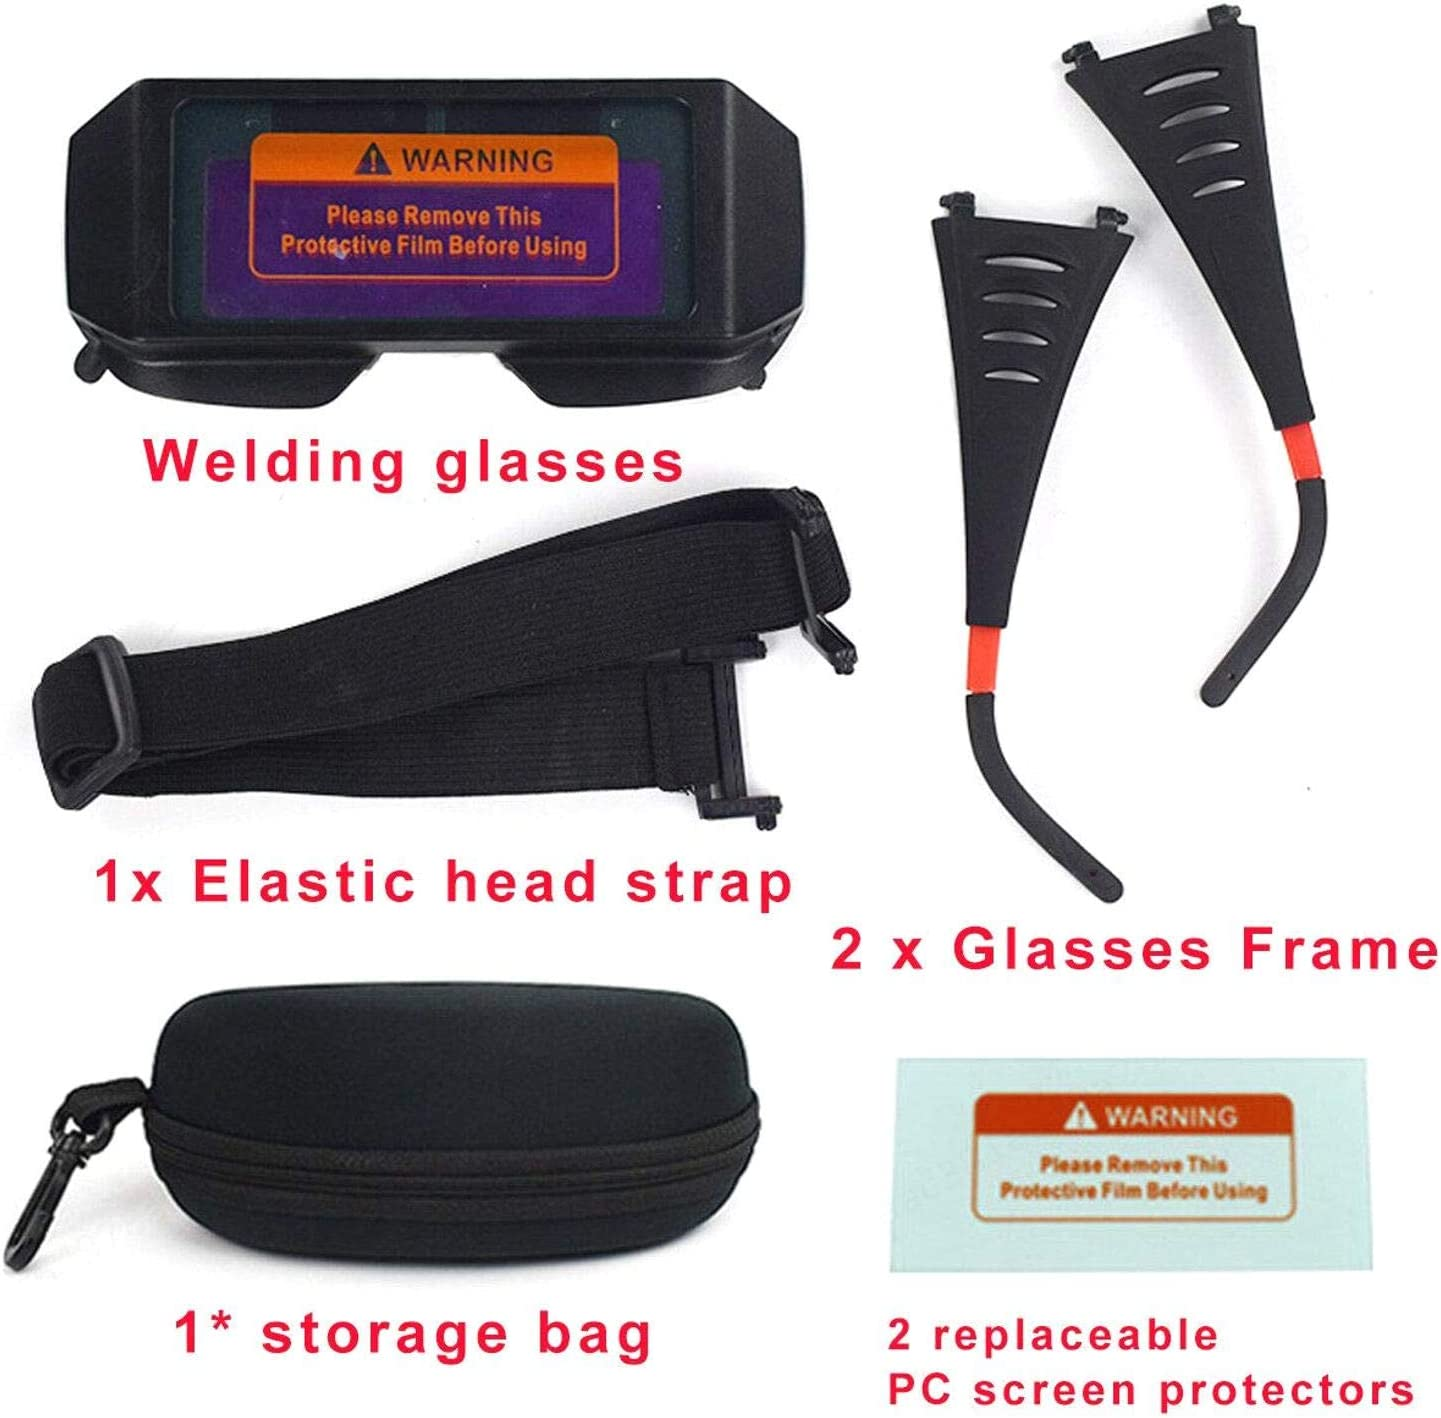 ZOZOSEP con 2 Protectores de Pantalla de PC reemplazables Gafas de Seguridad de oscurecimiento LCD autom/ático Gafas de Soldadura con energ/ía Solar M/áscaras de Soldadura para Soldador M/áscara